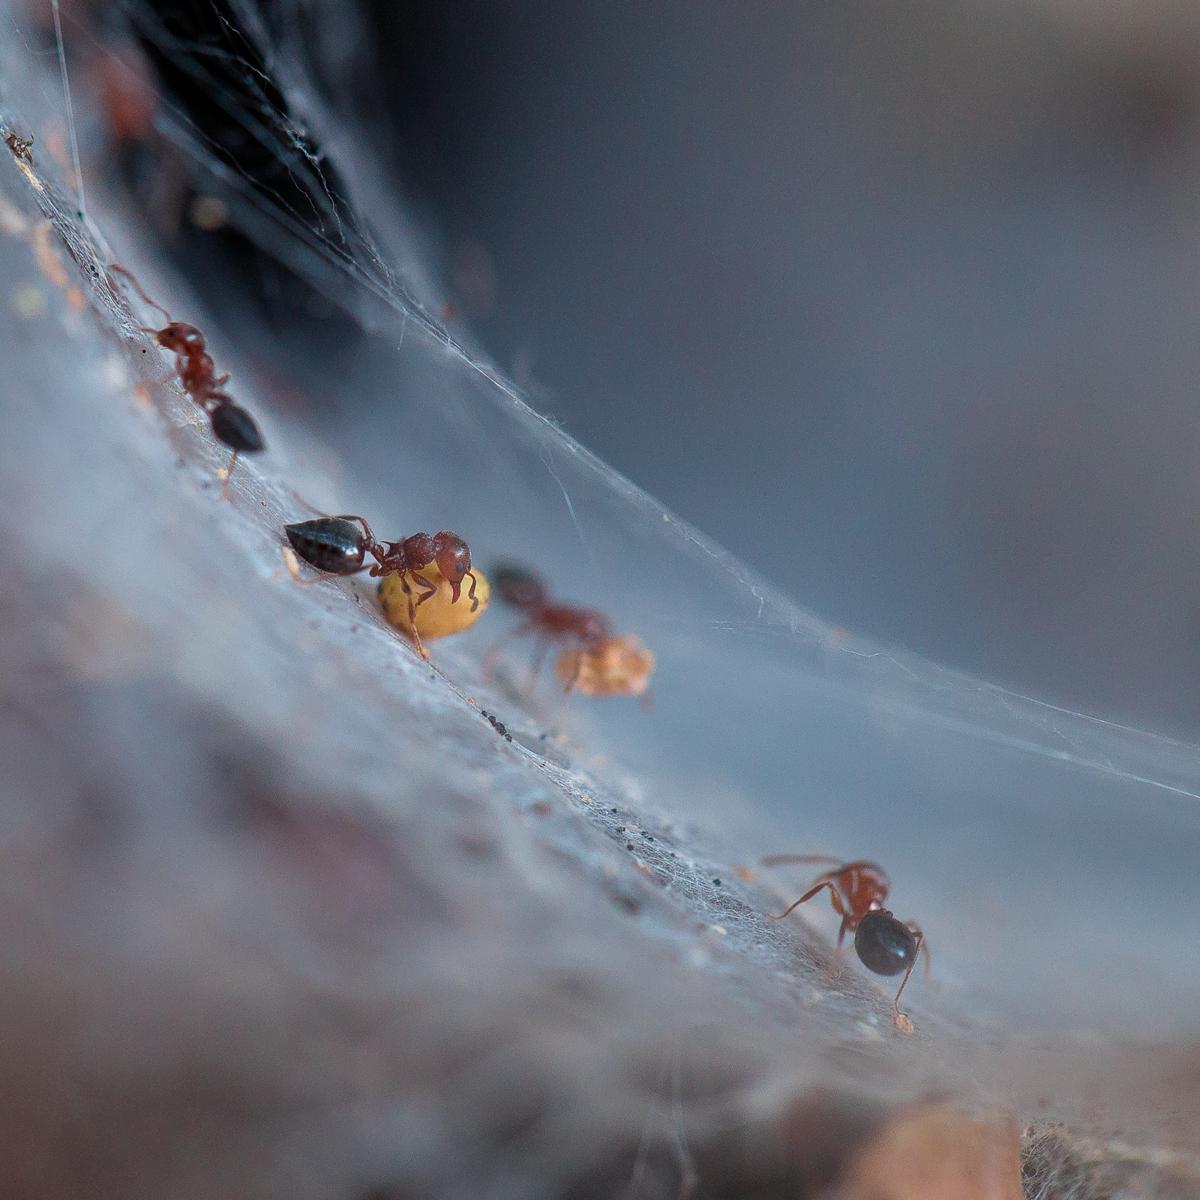 Мравки работнички от Георги Йорданов Георгиев - zeromx